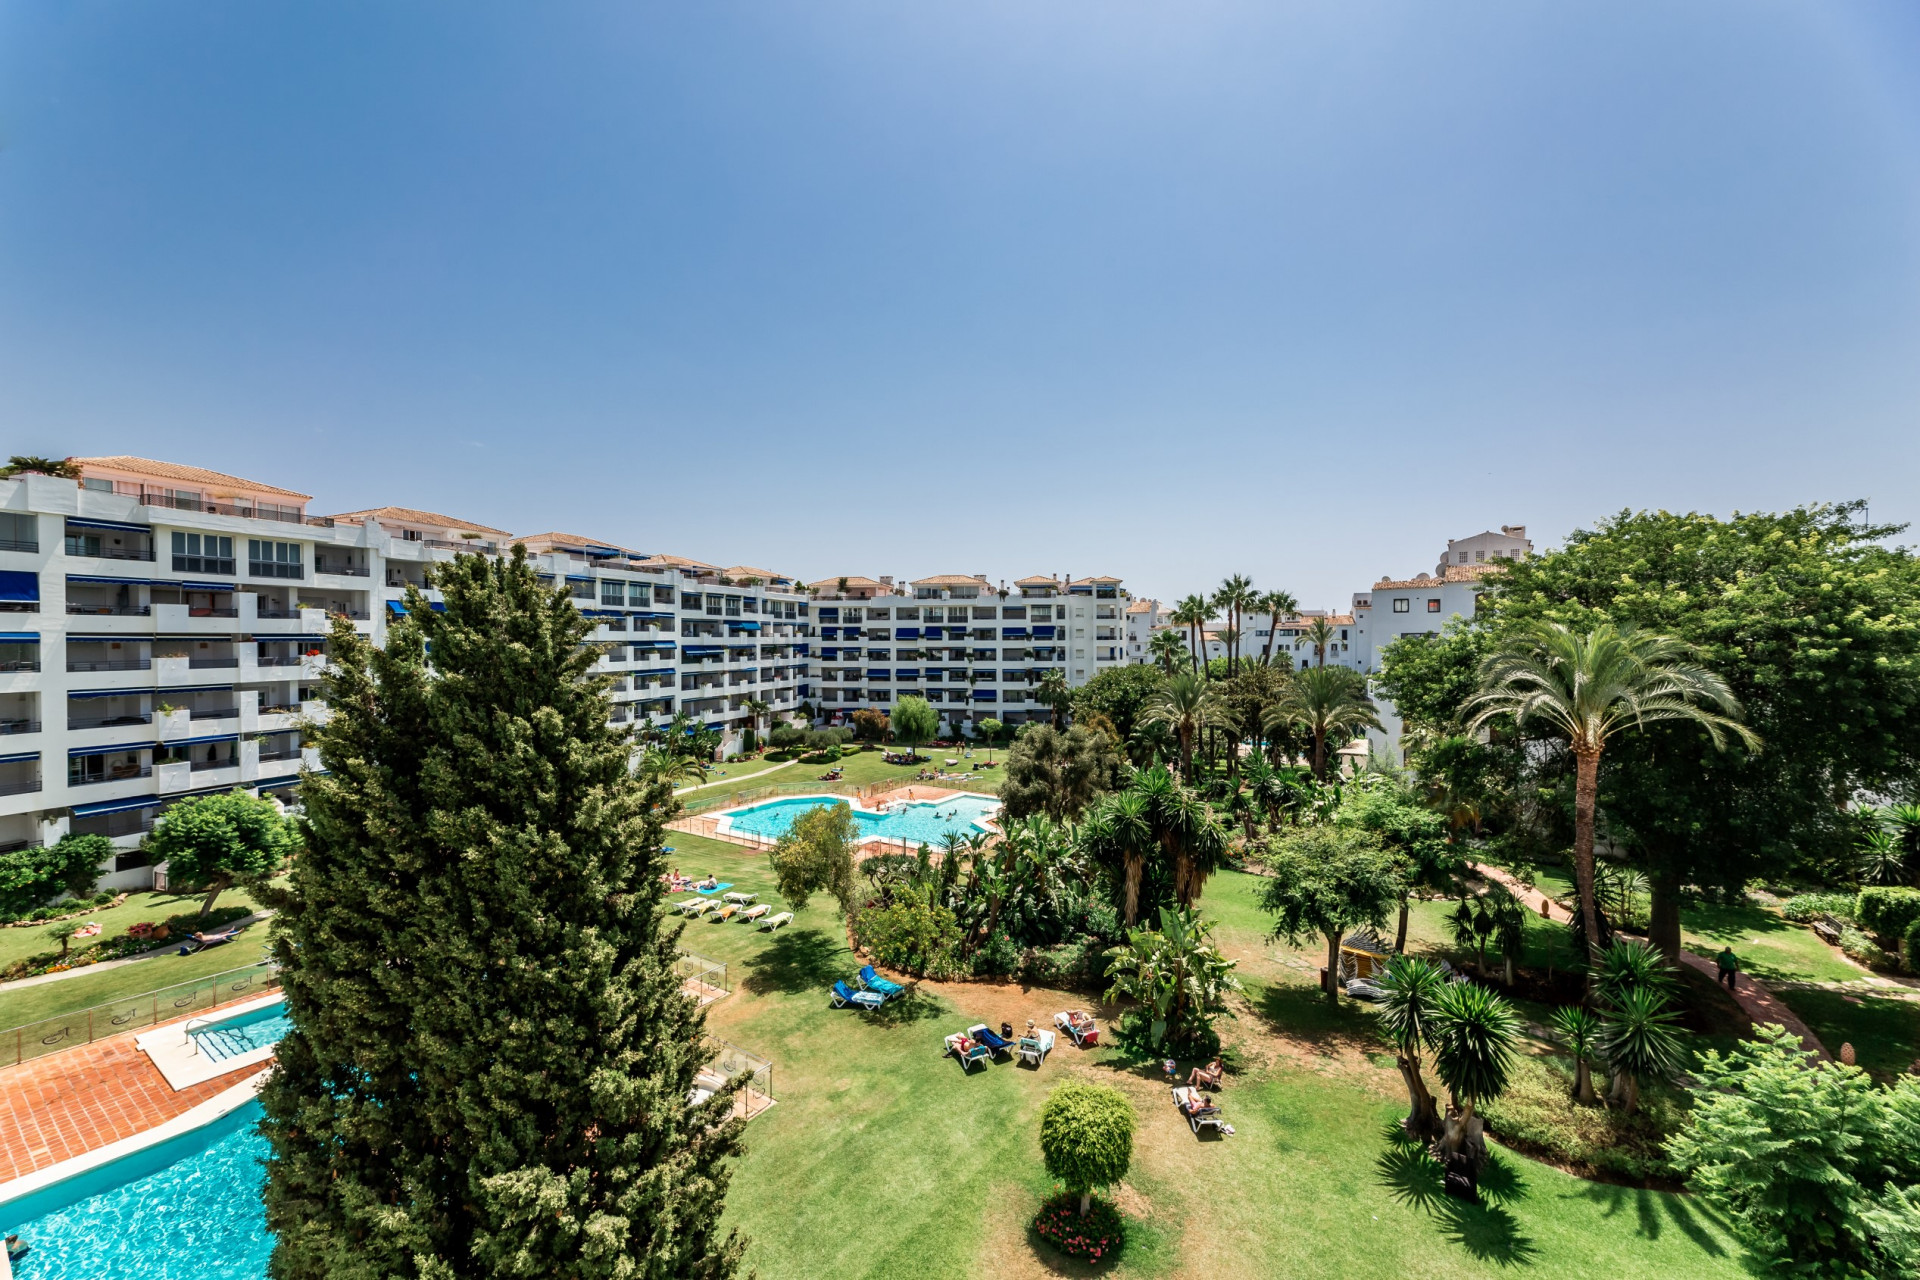 ARFA1440.6 Wunderschöne Wohnung in Jardines del Puerto, Puerto Banus - Marbella